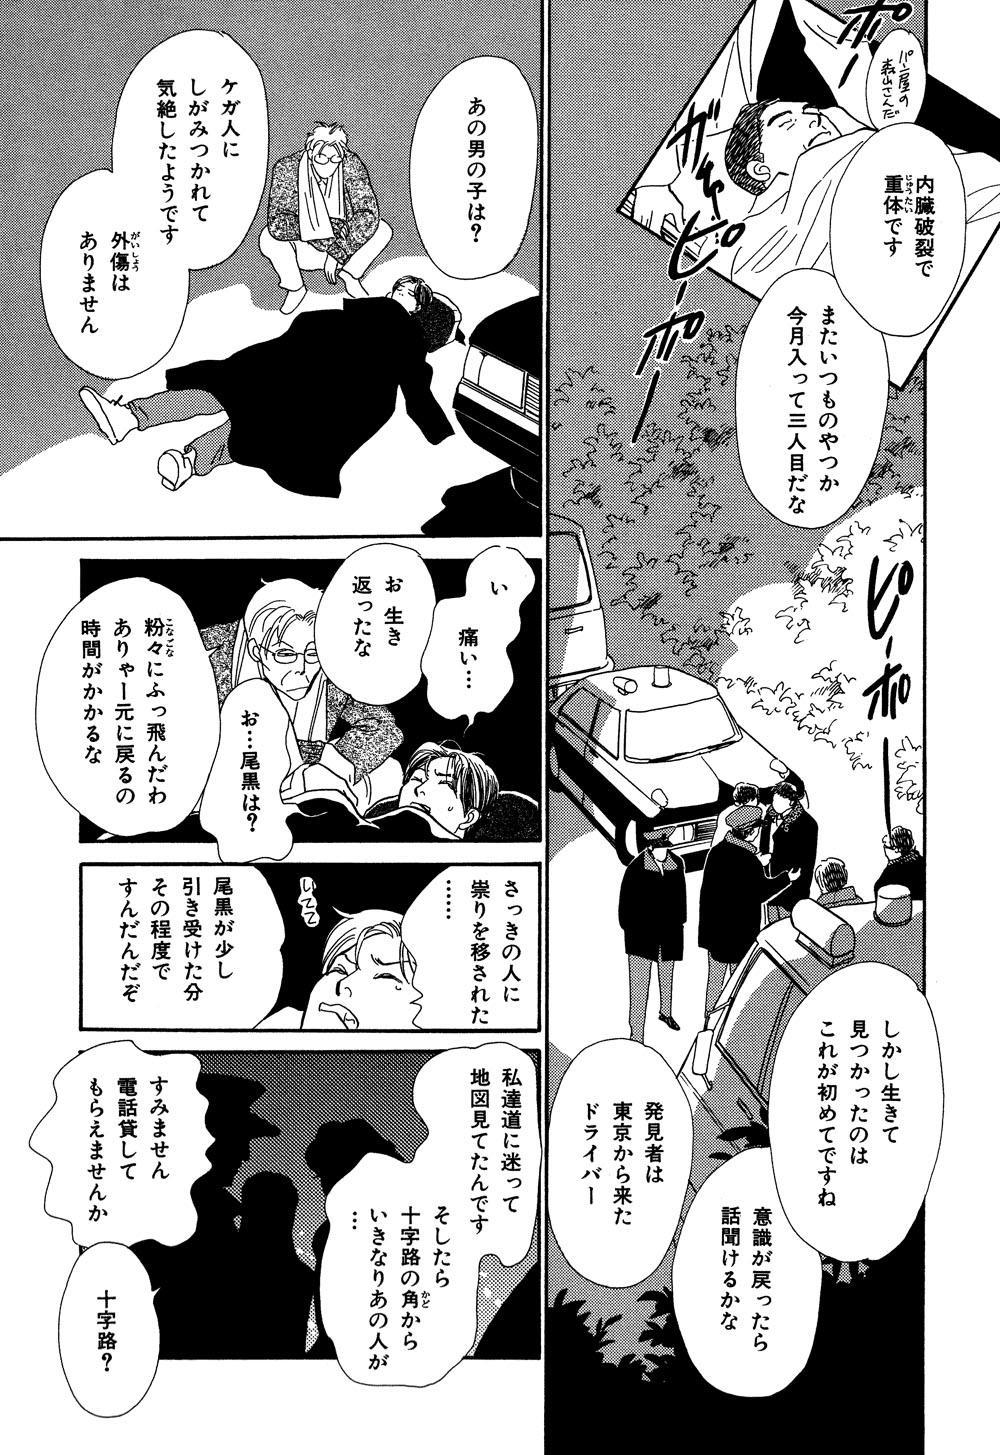 百鬼夜行抄_07_0025.jpg